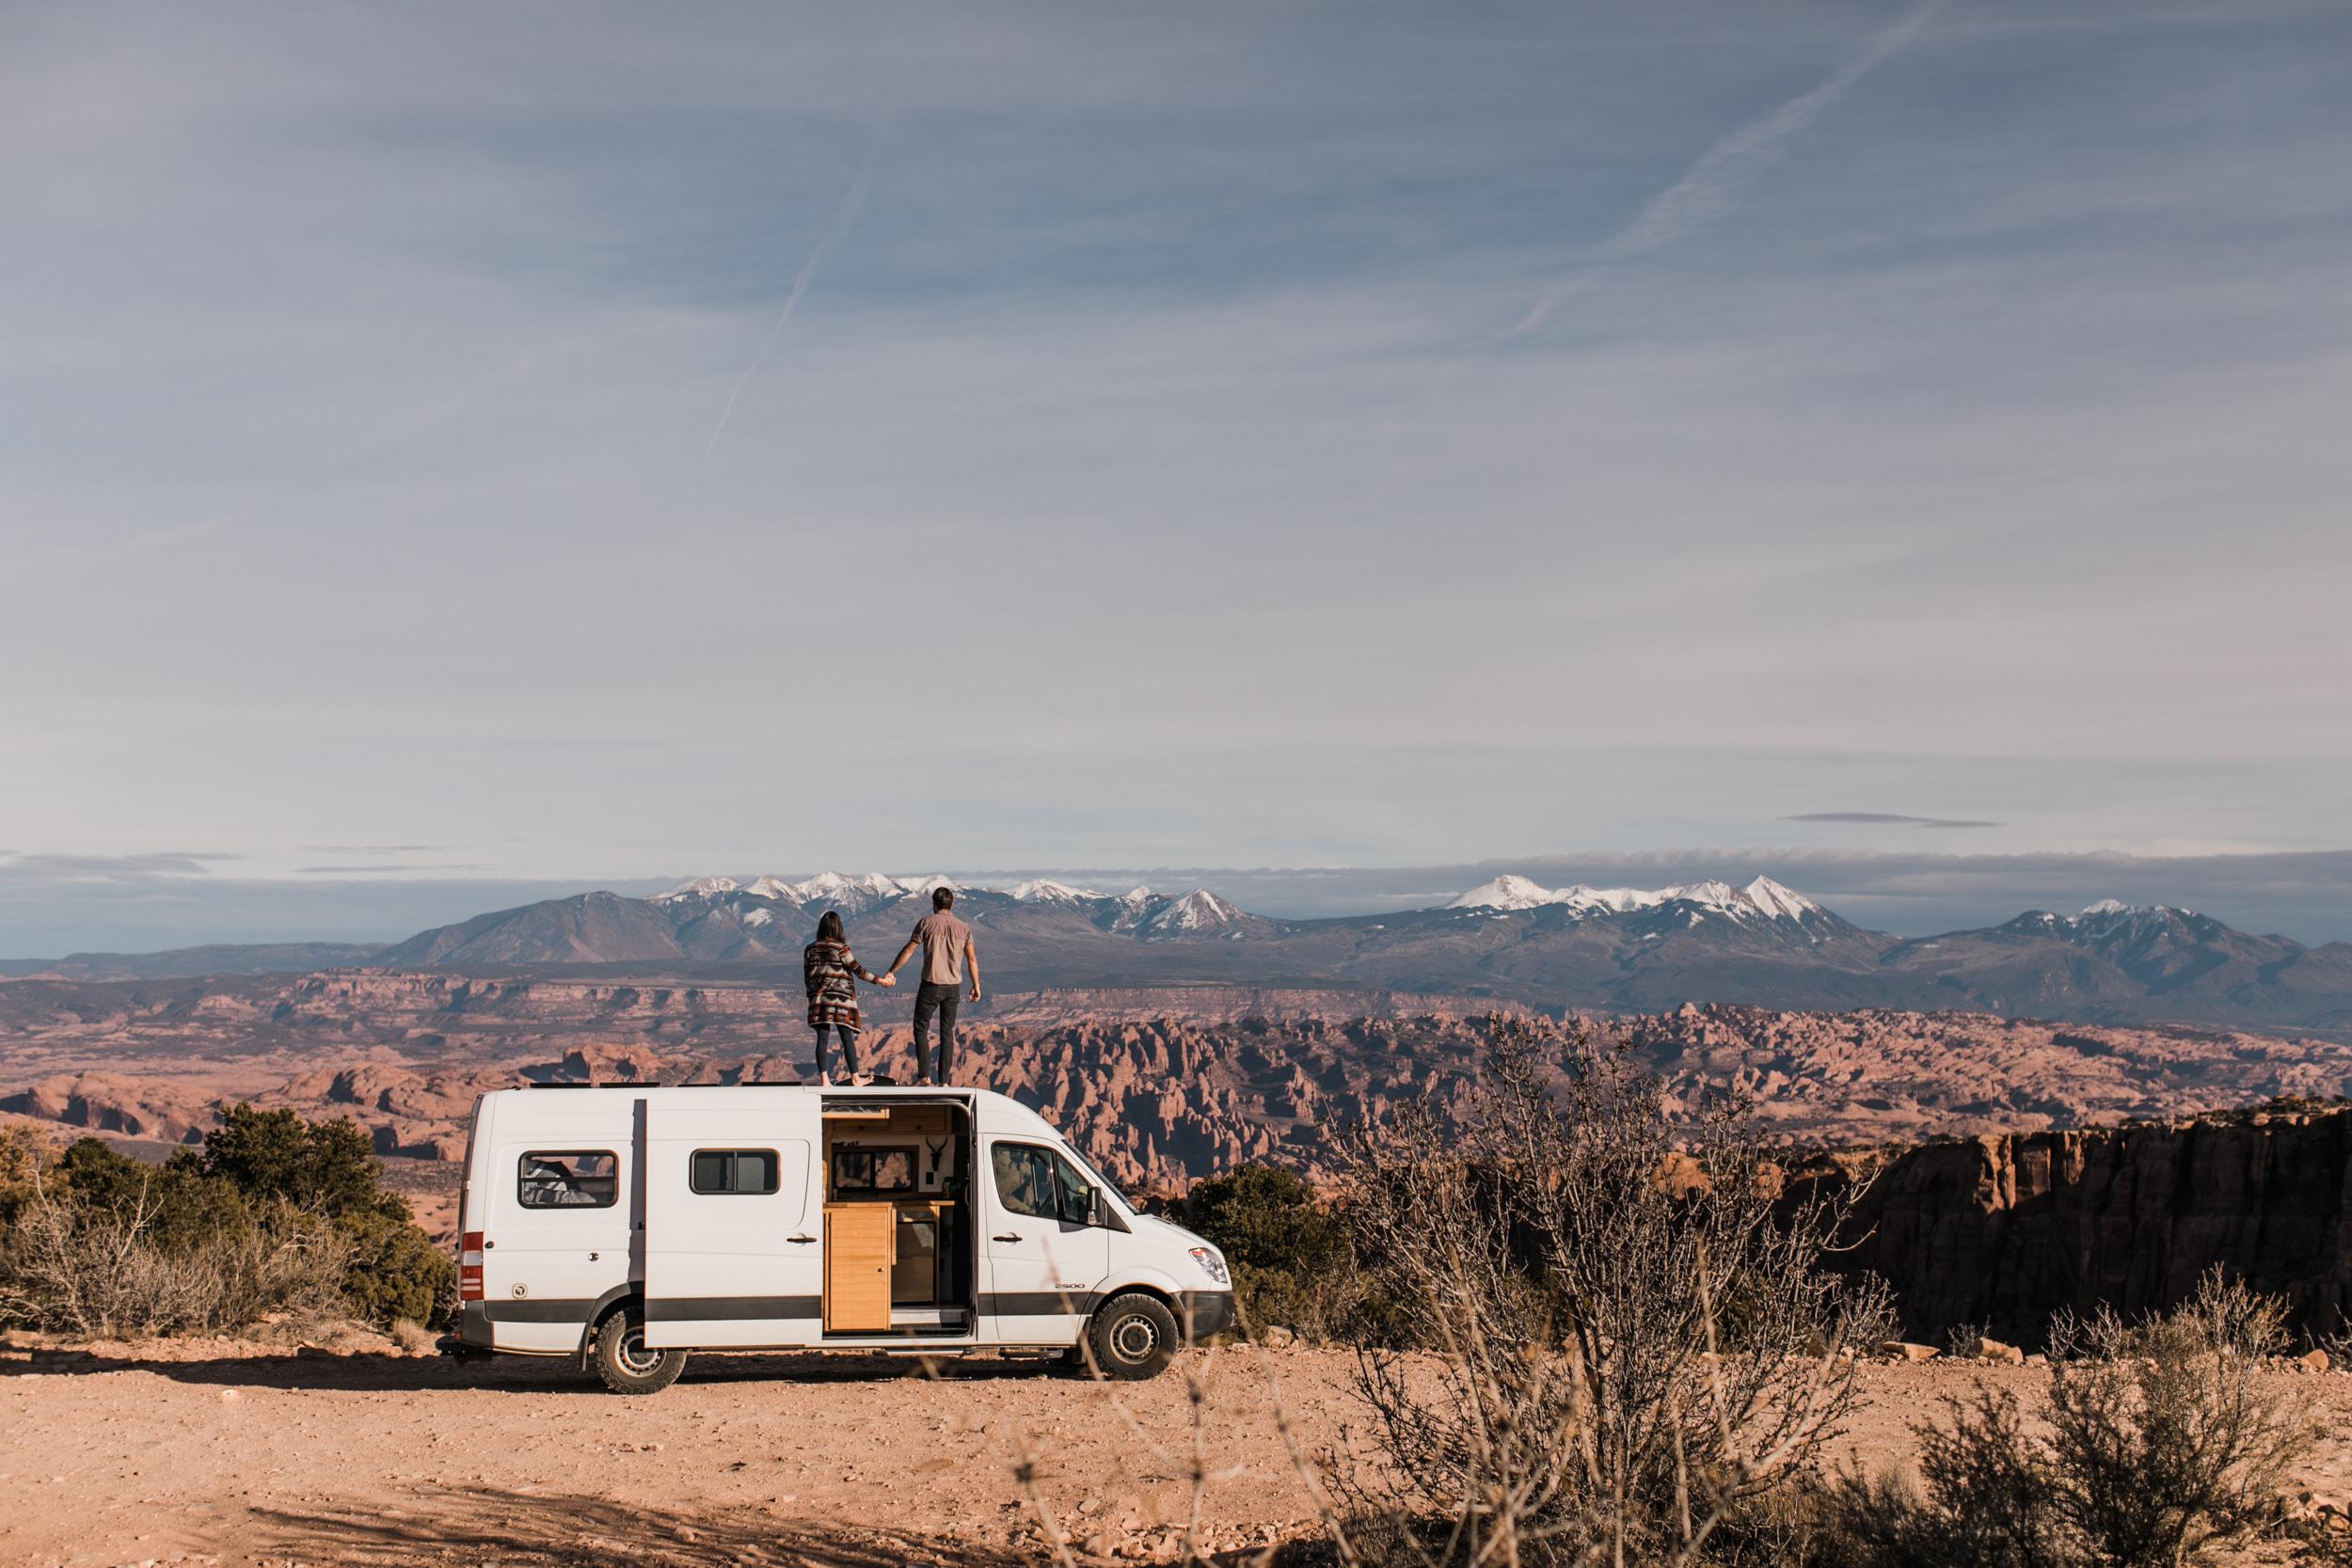 sprinter van in the desert